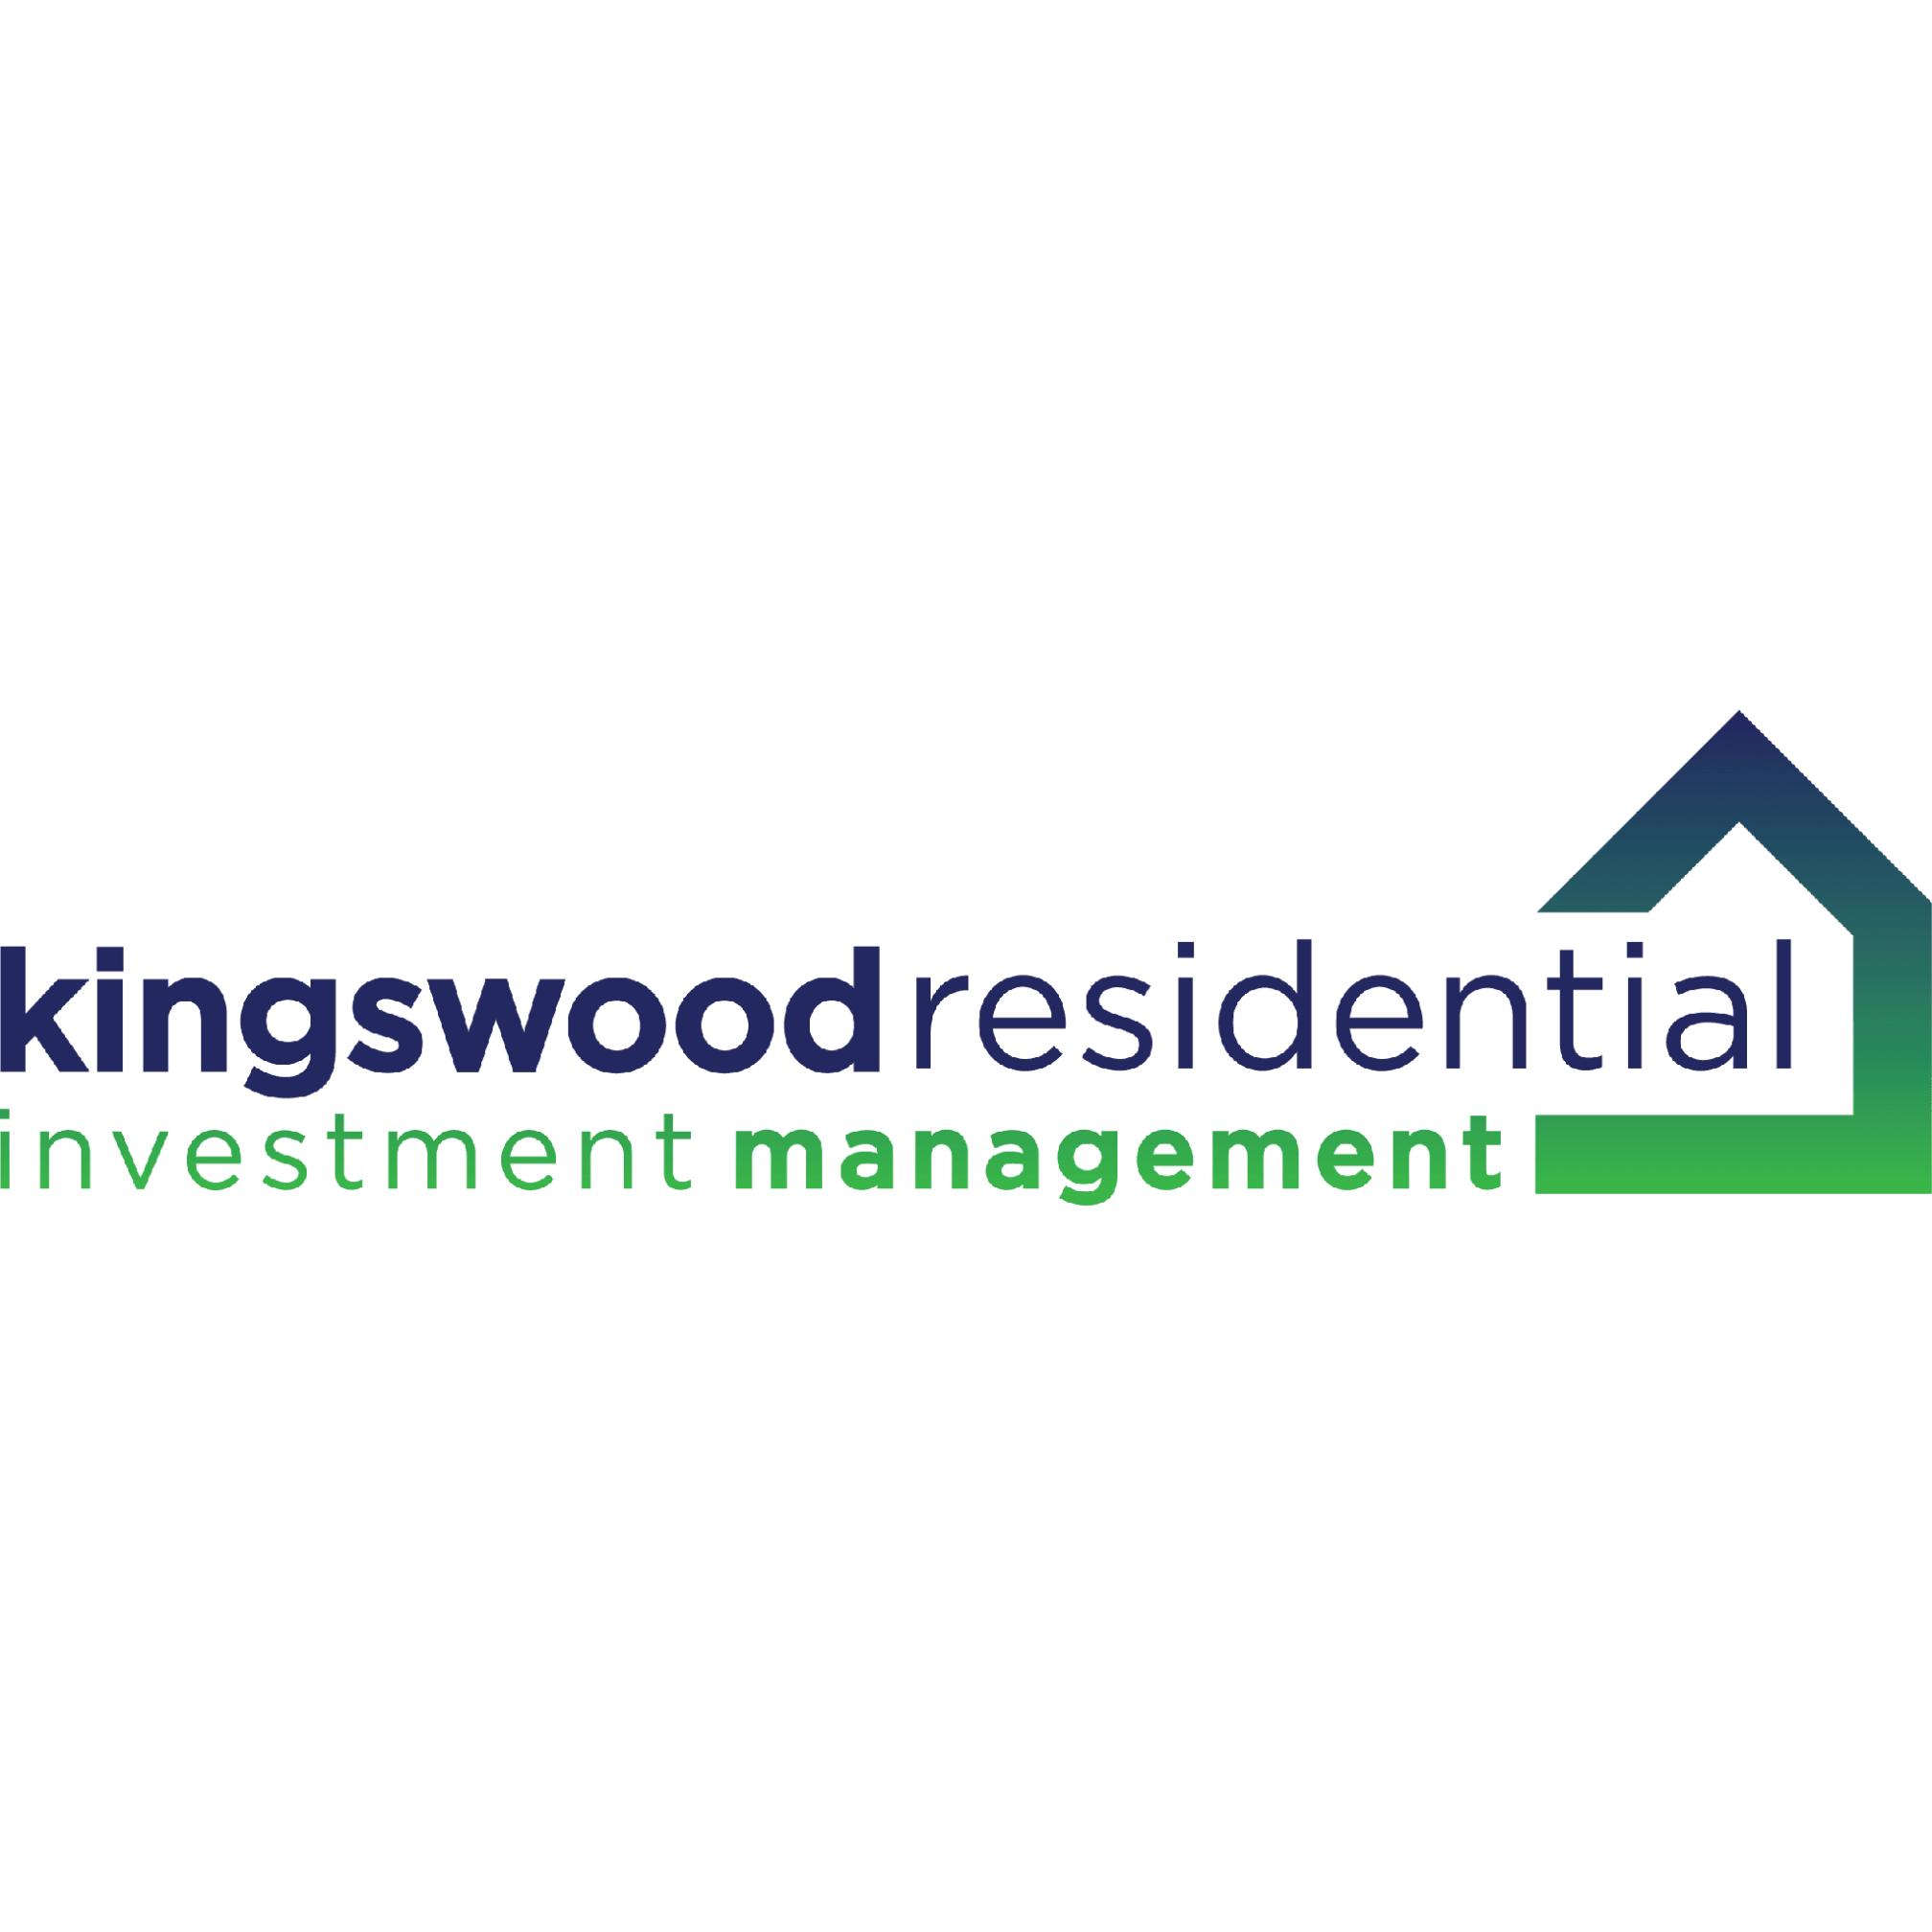 Kingswood Residential Investment Management Nottingham 01157 043163